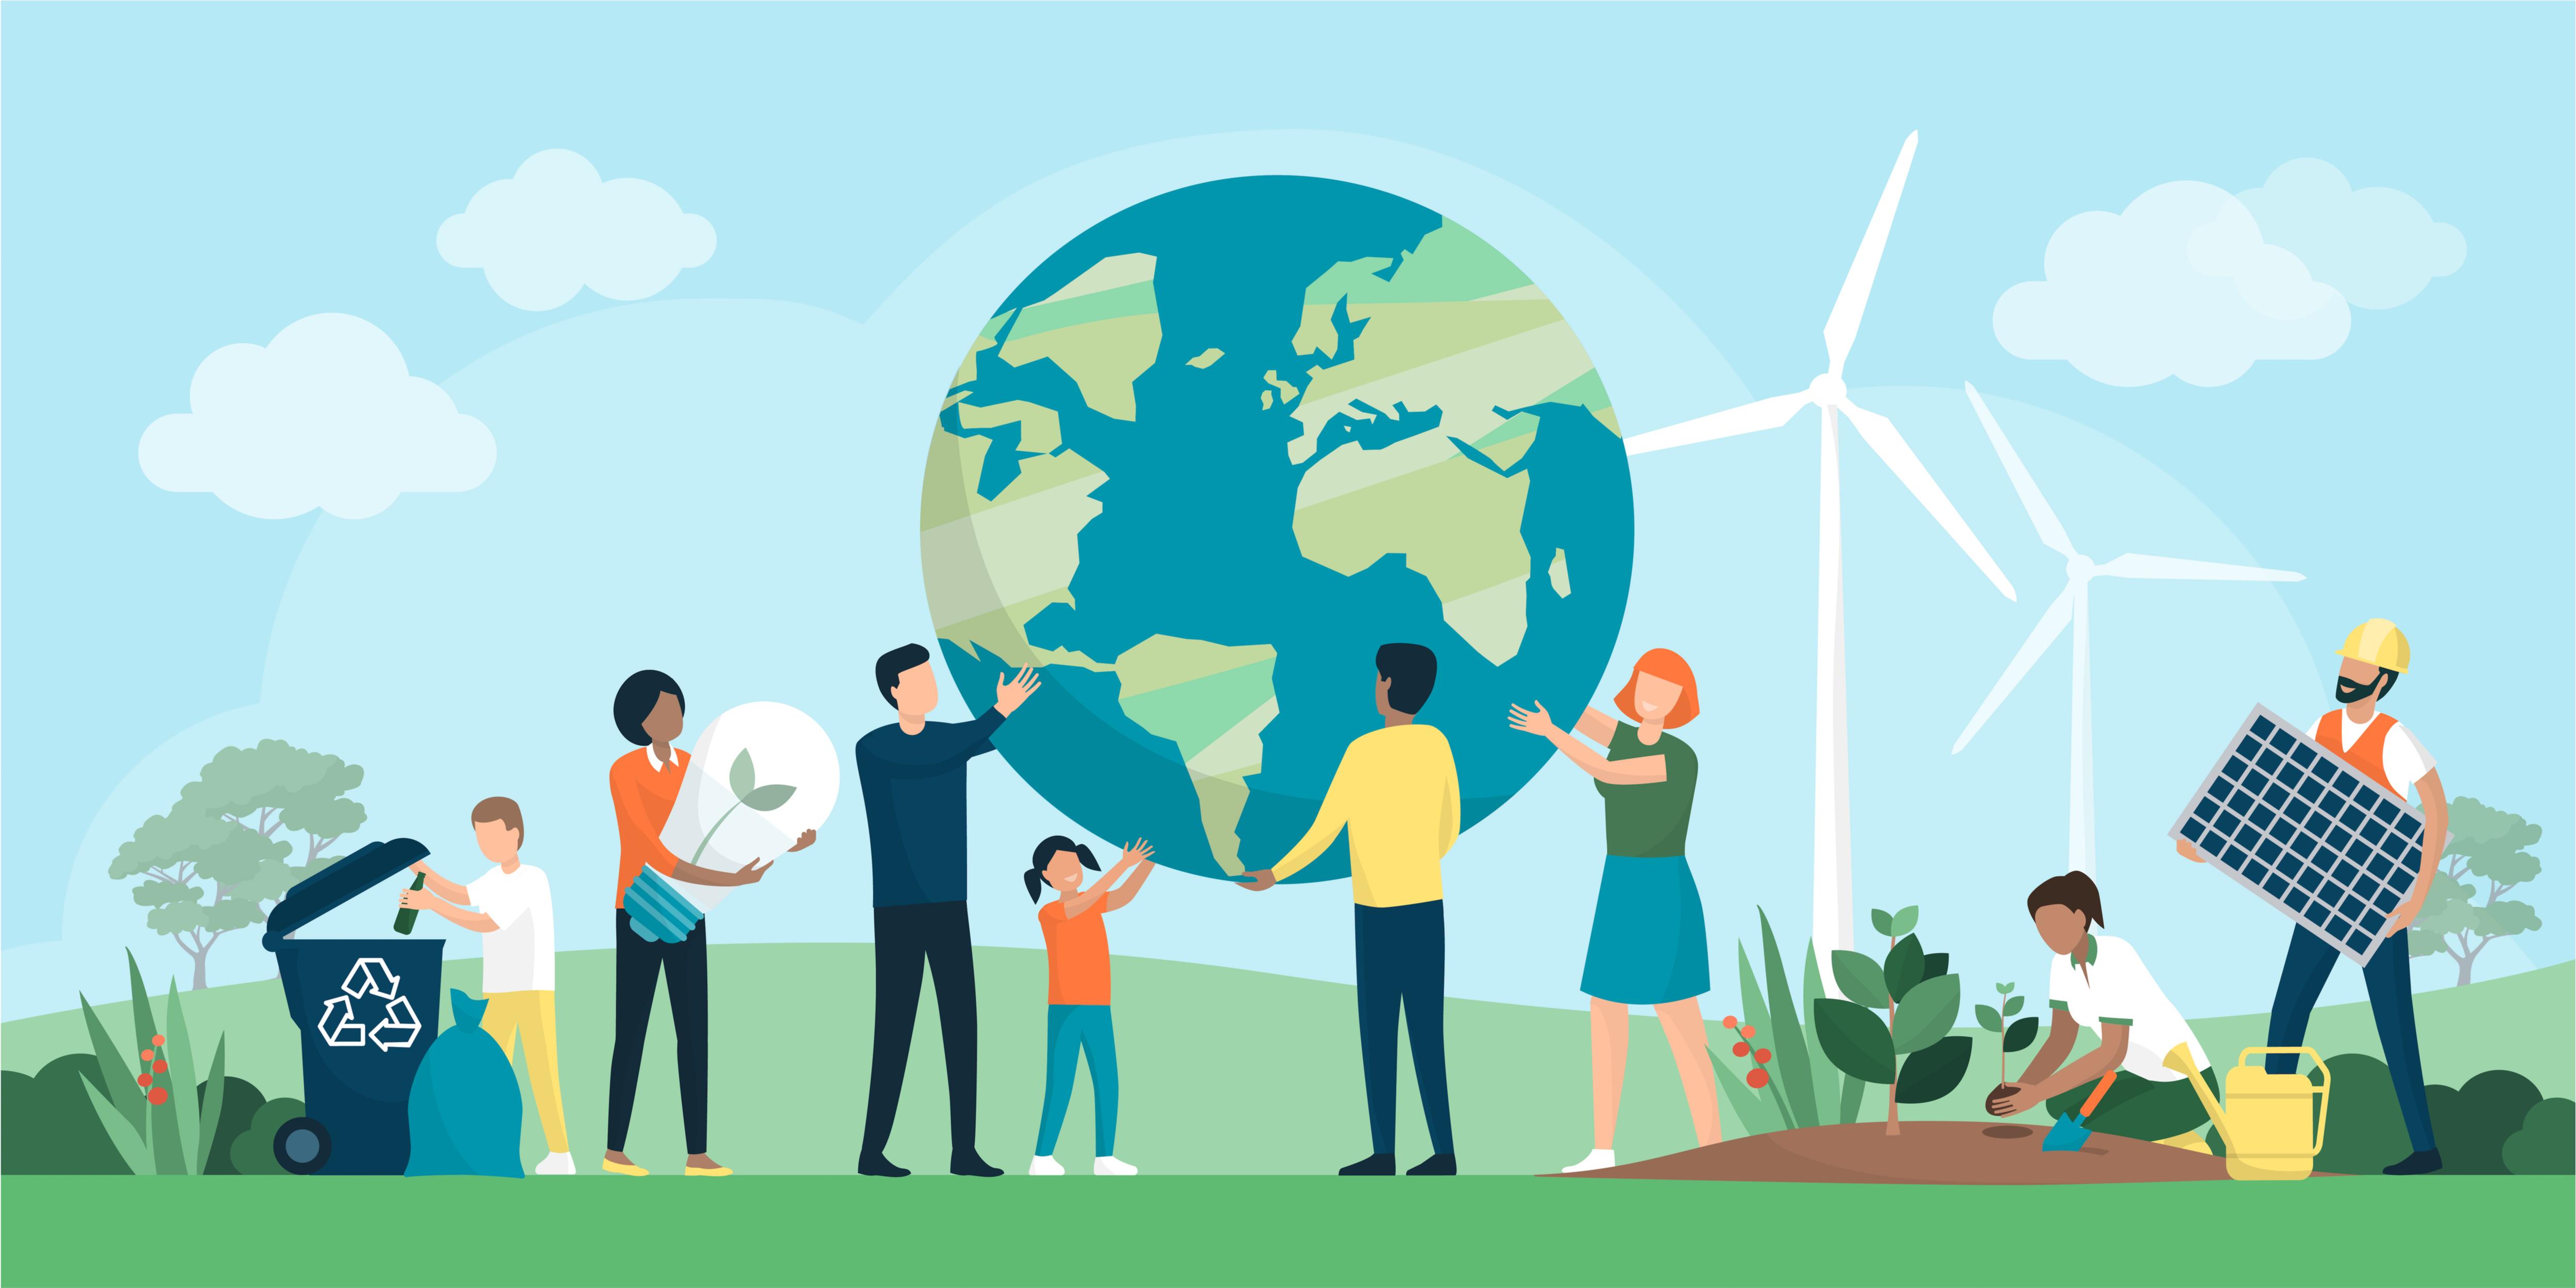 【事例解説】企業が身近なところに「脱炭素」に向けた活動